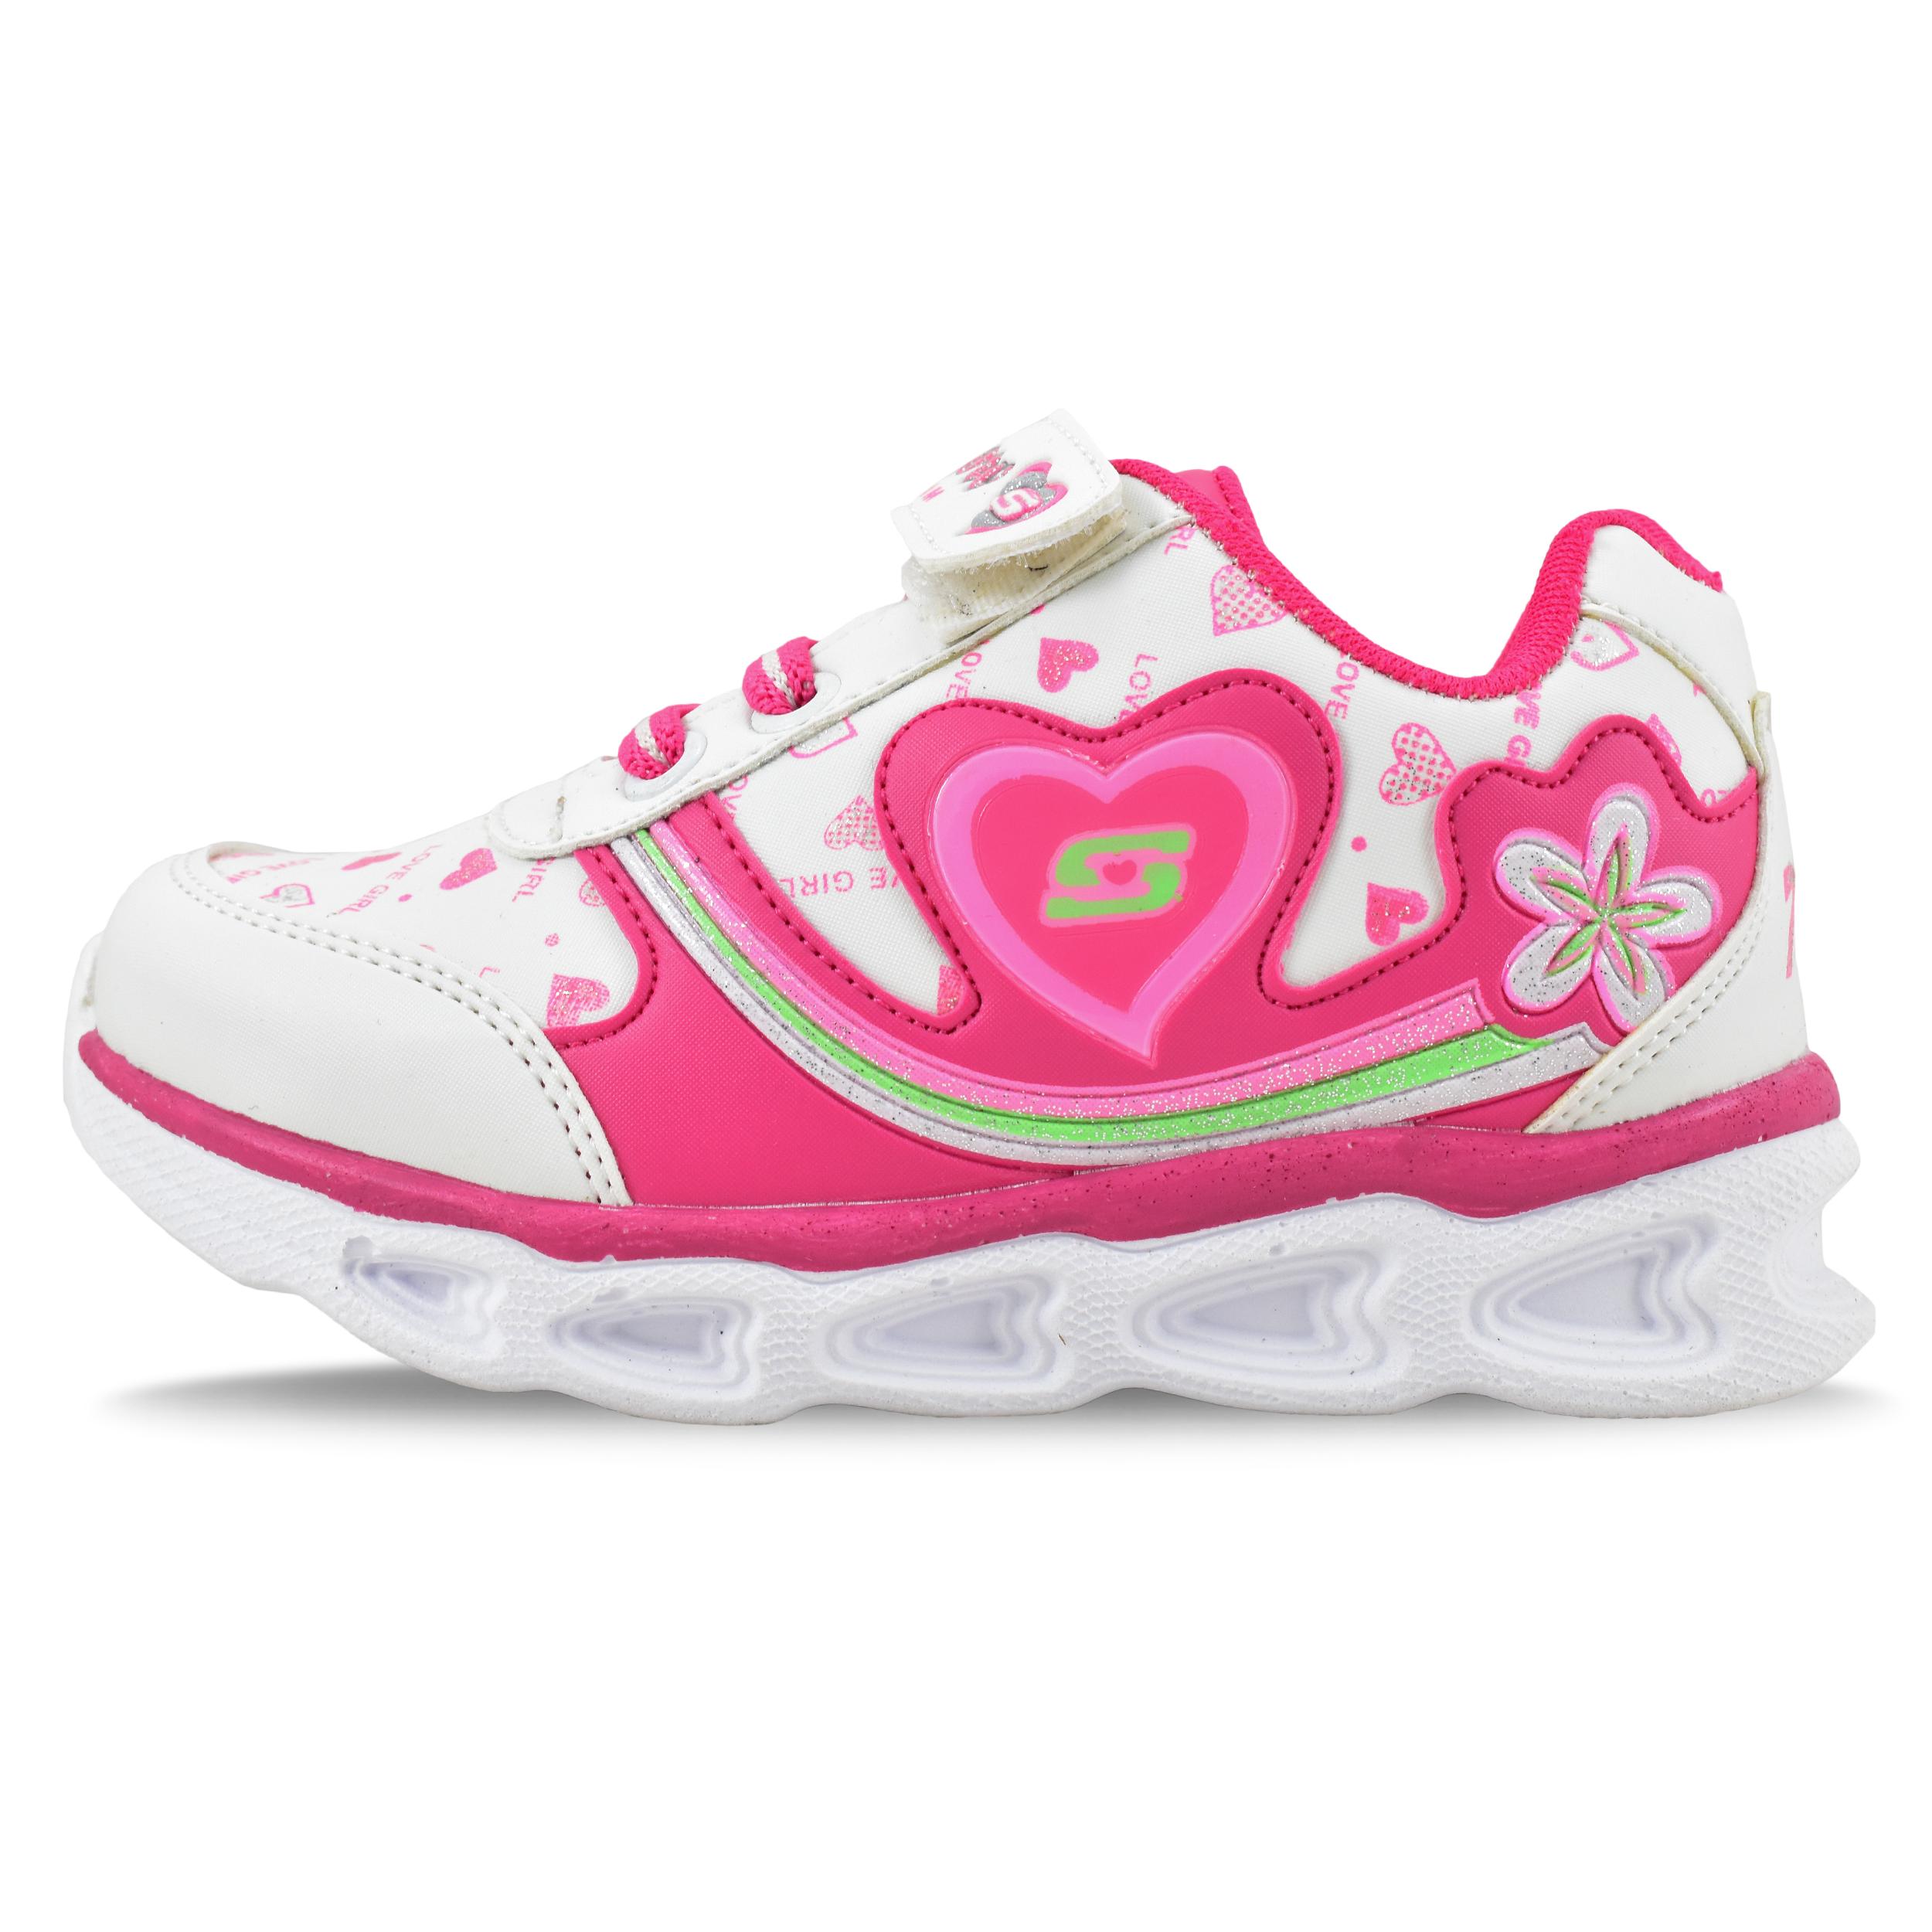 عکس کفش مخصوص پیاده روی دخترانه مدل رنگین کمان کد 4537